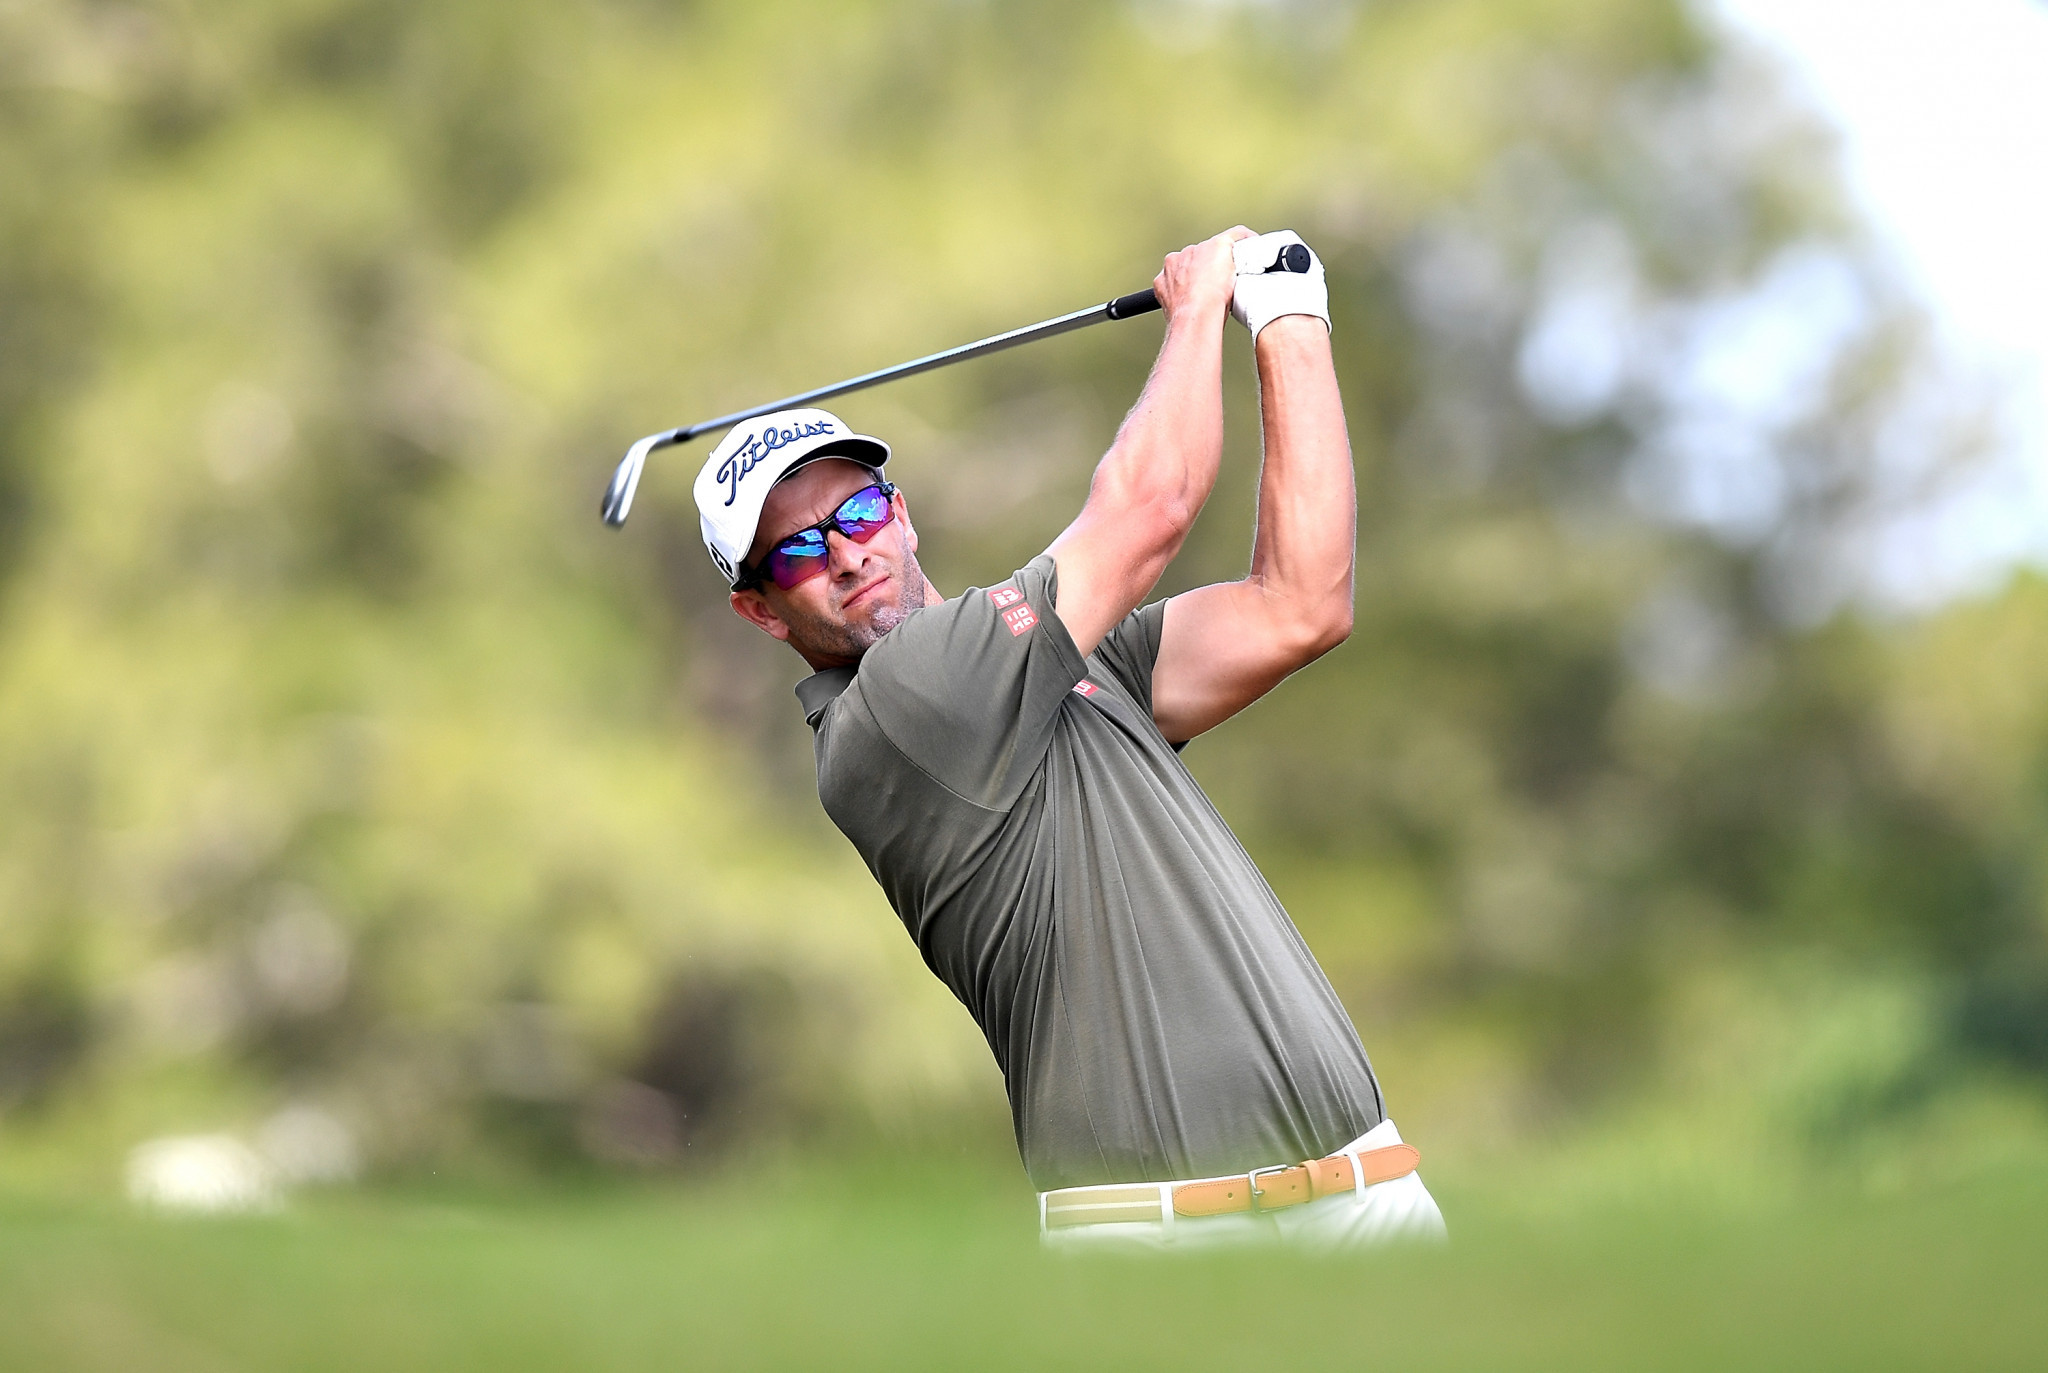 Three premier golf events in Australia fall victim to COVID-19